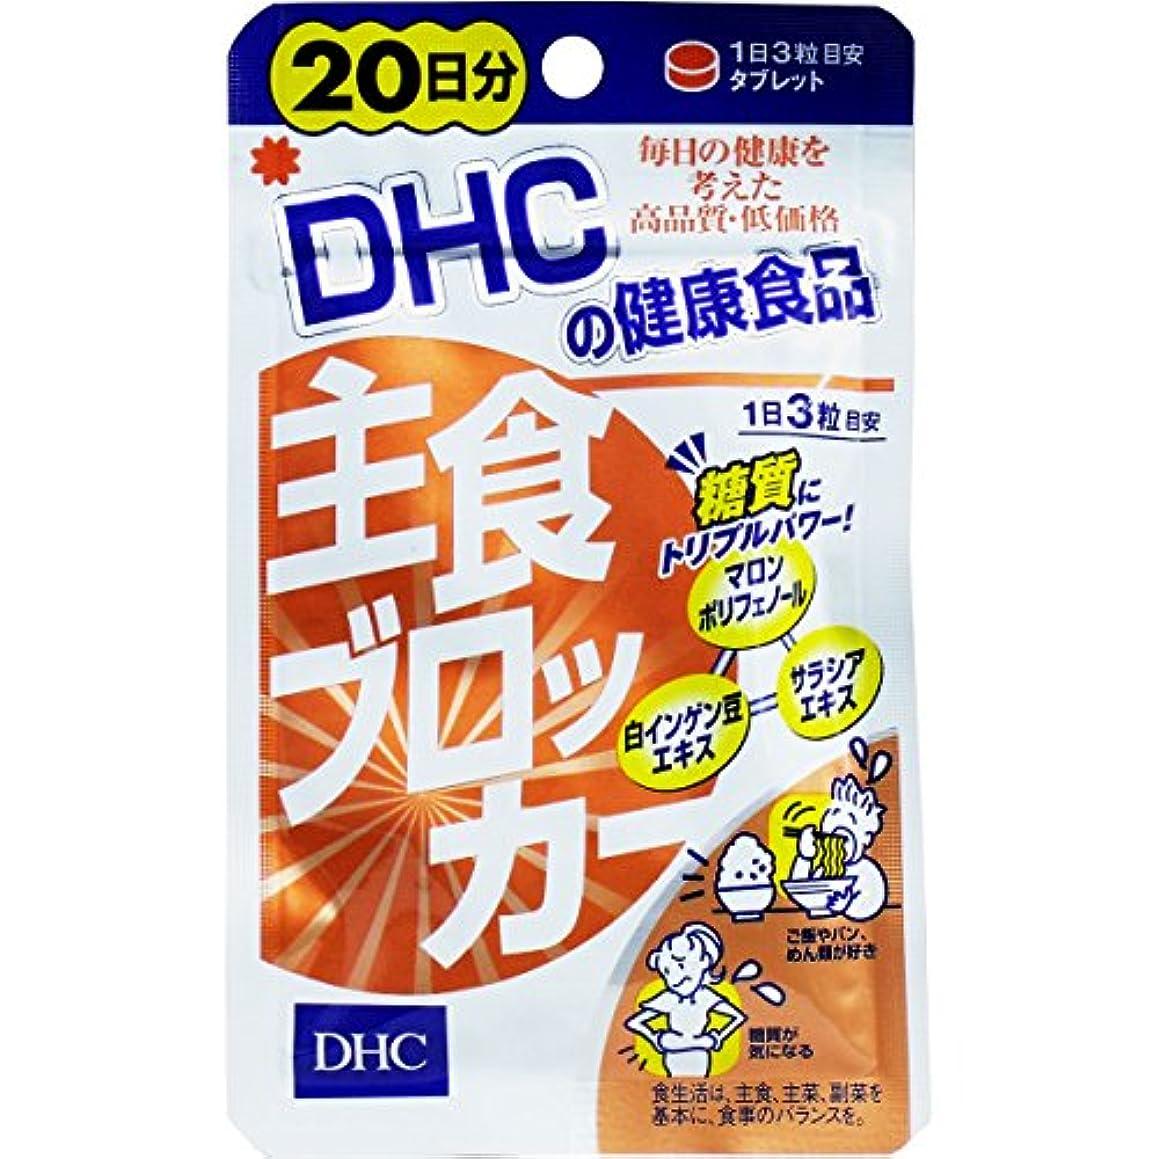 プラカードフィールドペットDHC 主食ブロッカー 20日分 60粒(12g) ×5個セット